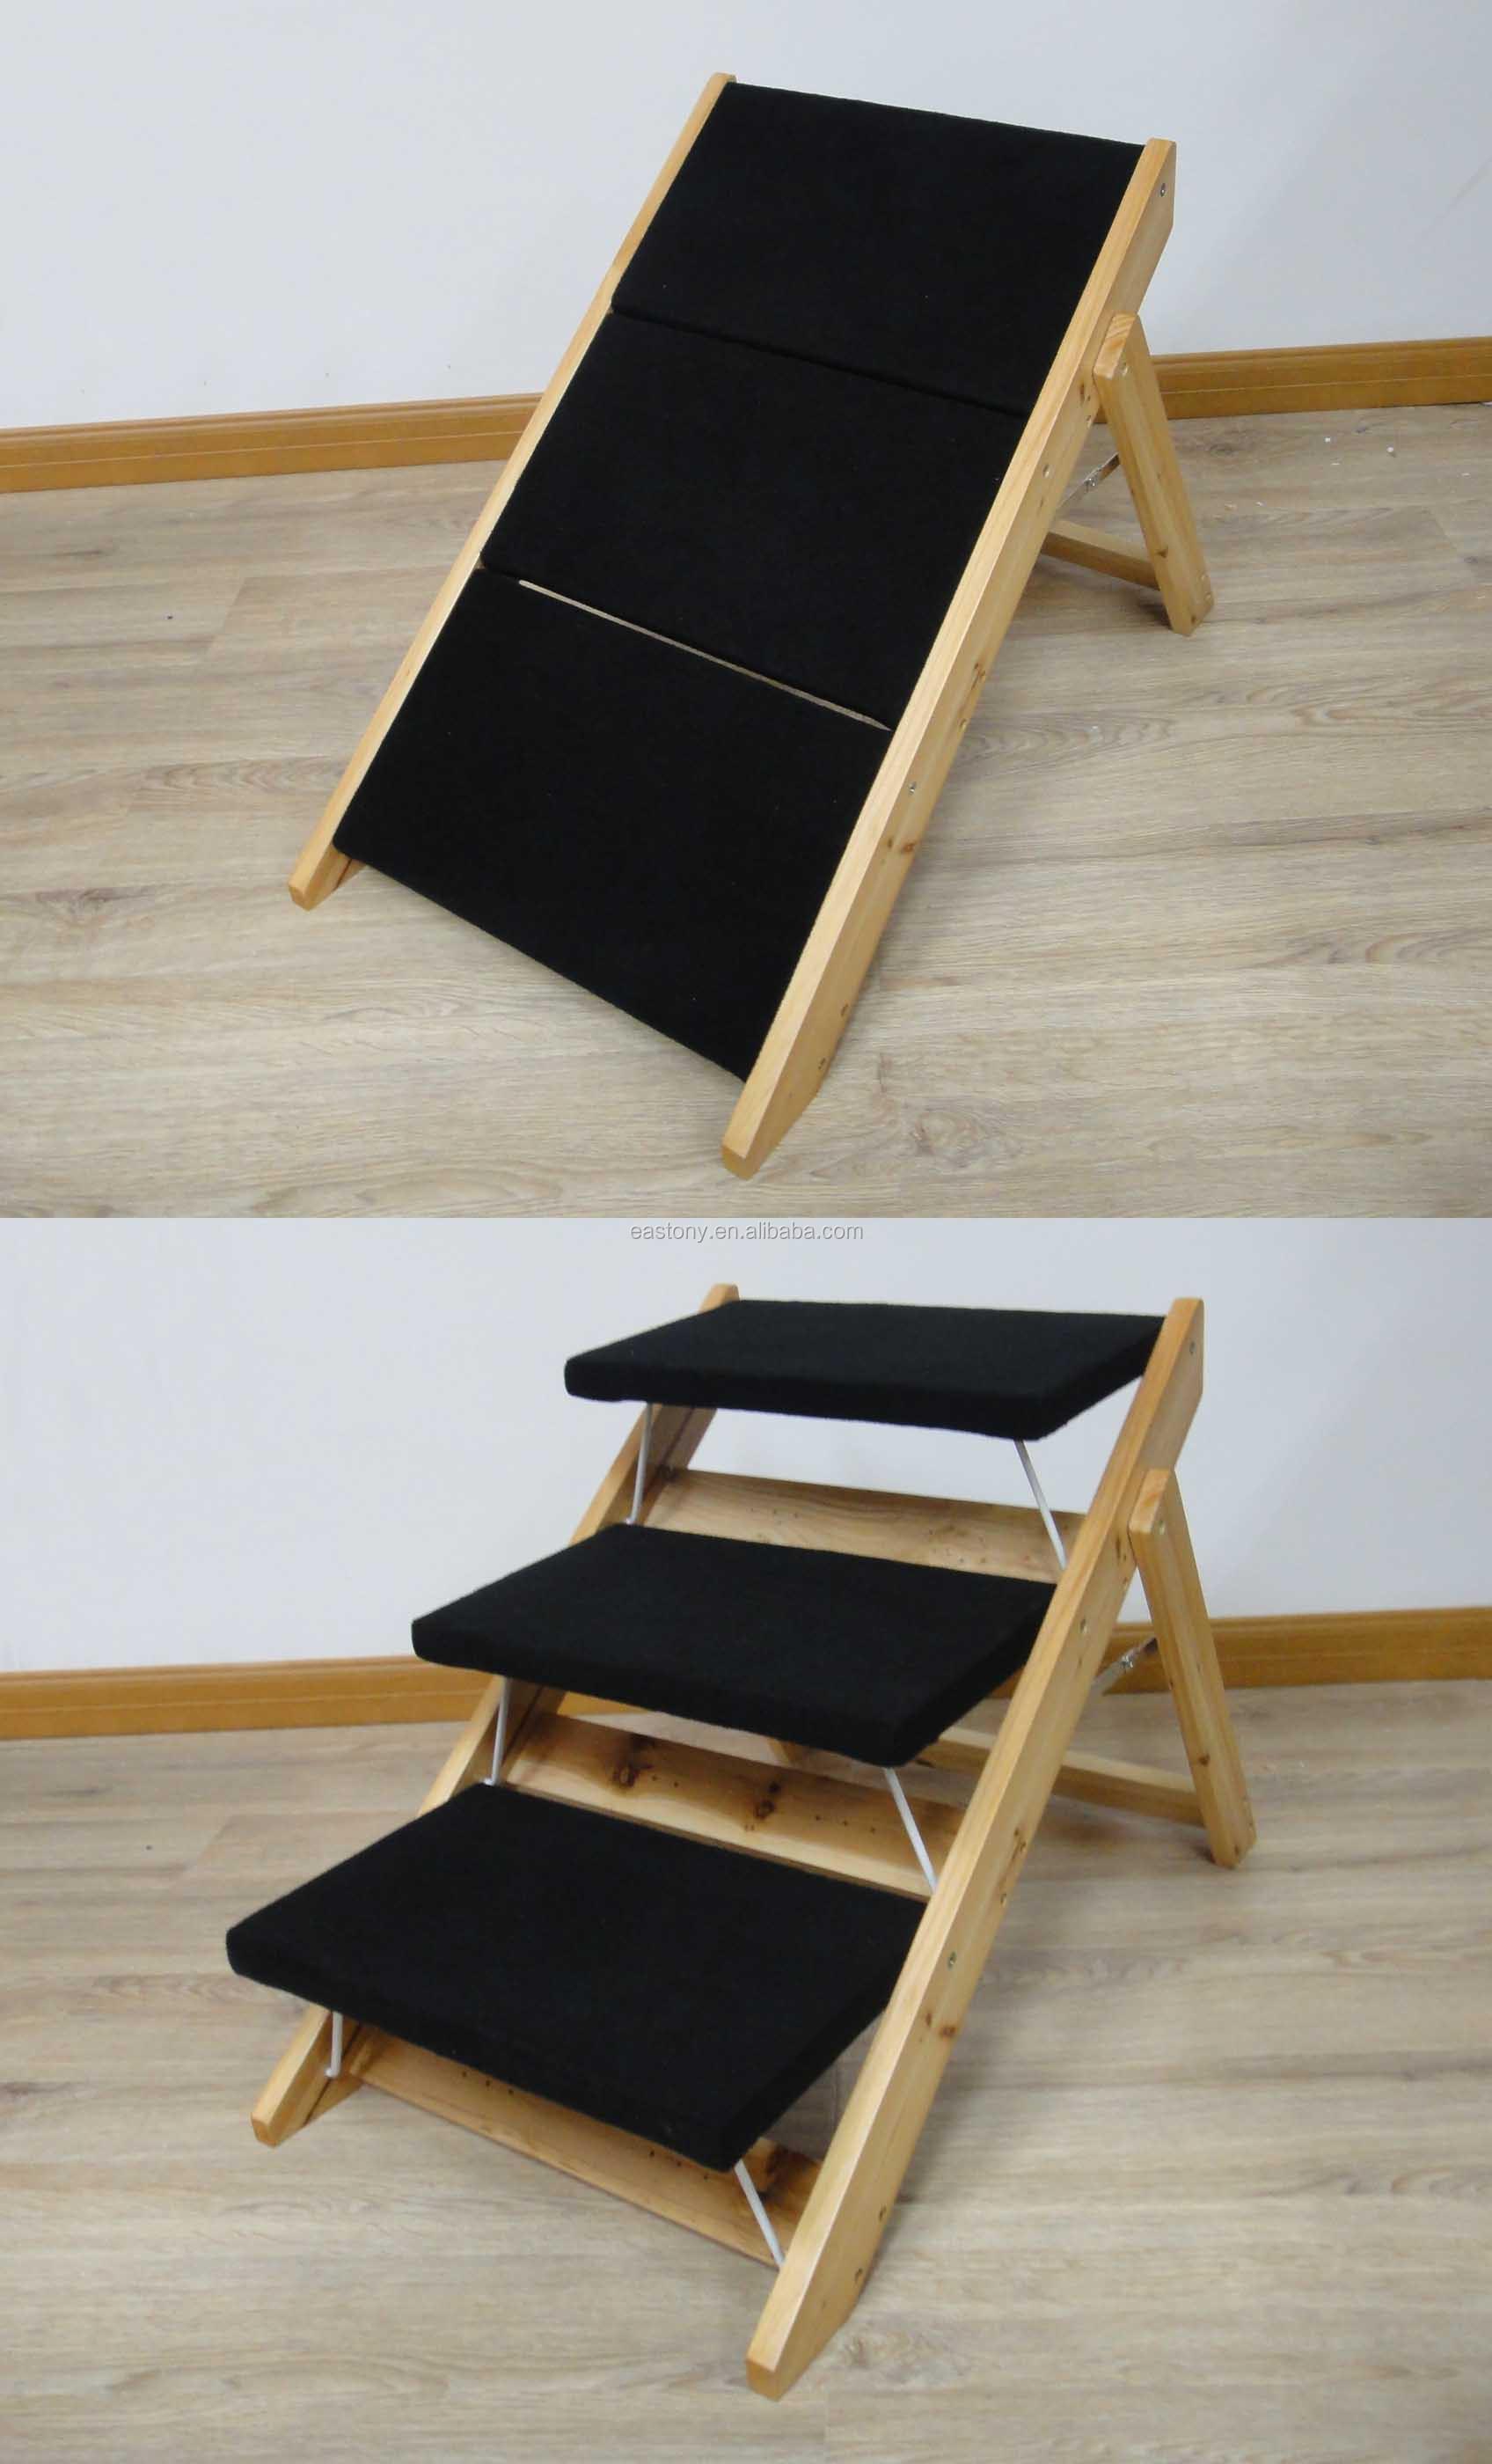 multi fonction en bois chien rampe pet escaliers chien escaliers chien chaise lits. Black Bedroom Furniture Sets. Home Design Ideas